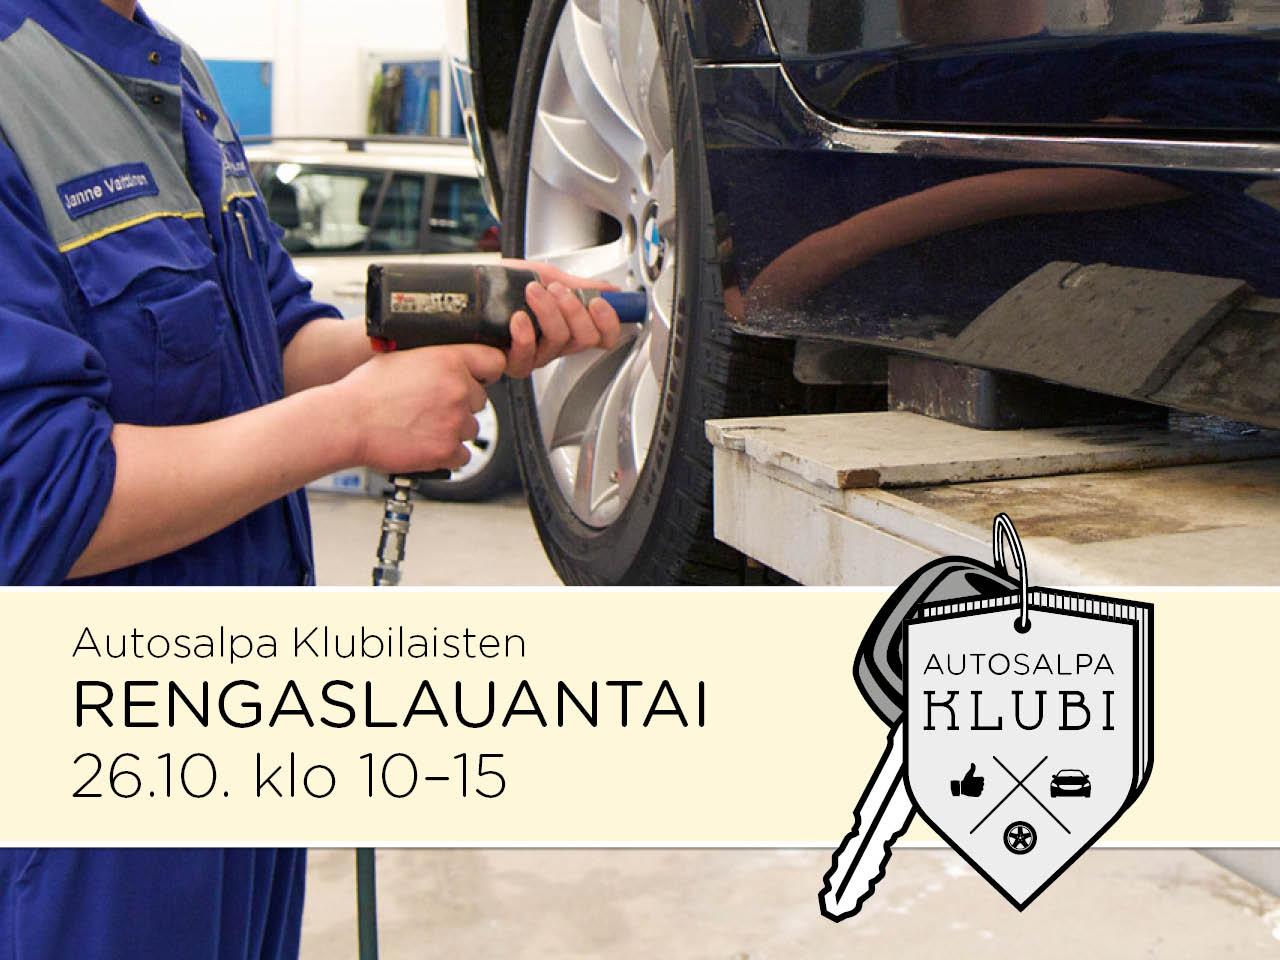 Autosalpa Klubilaisten RENGASLAUANTAI 26.10.